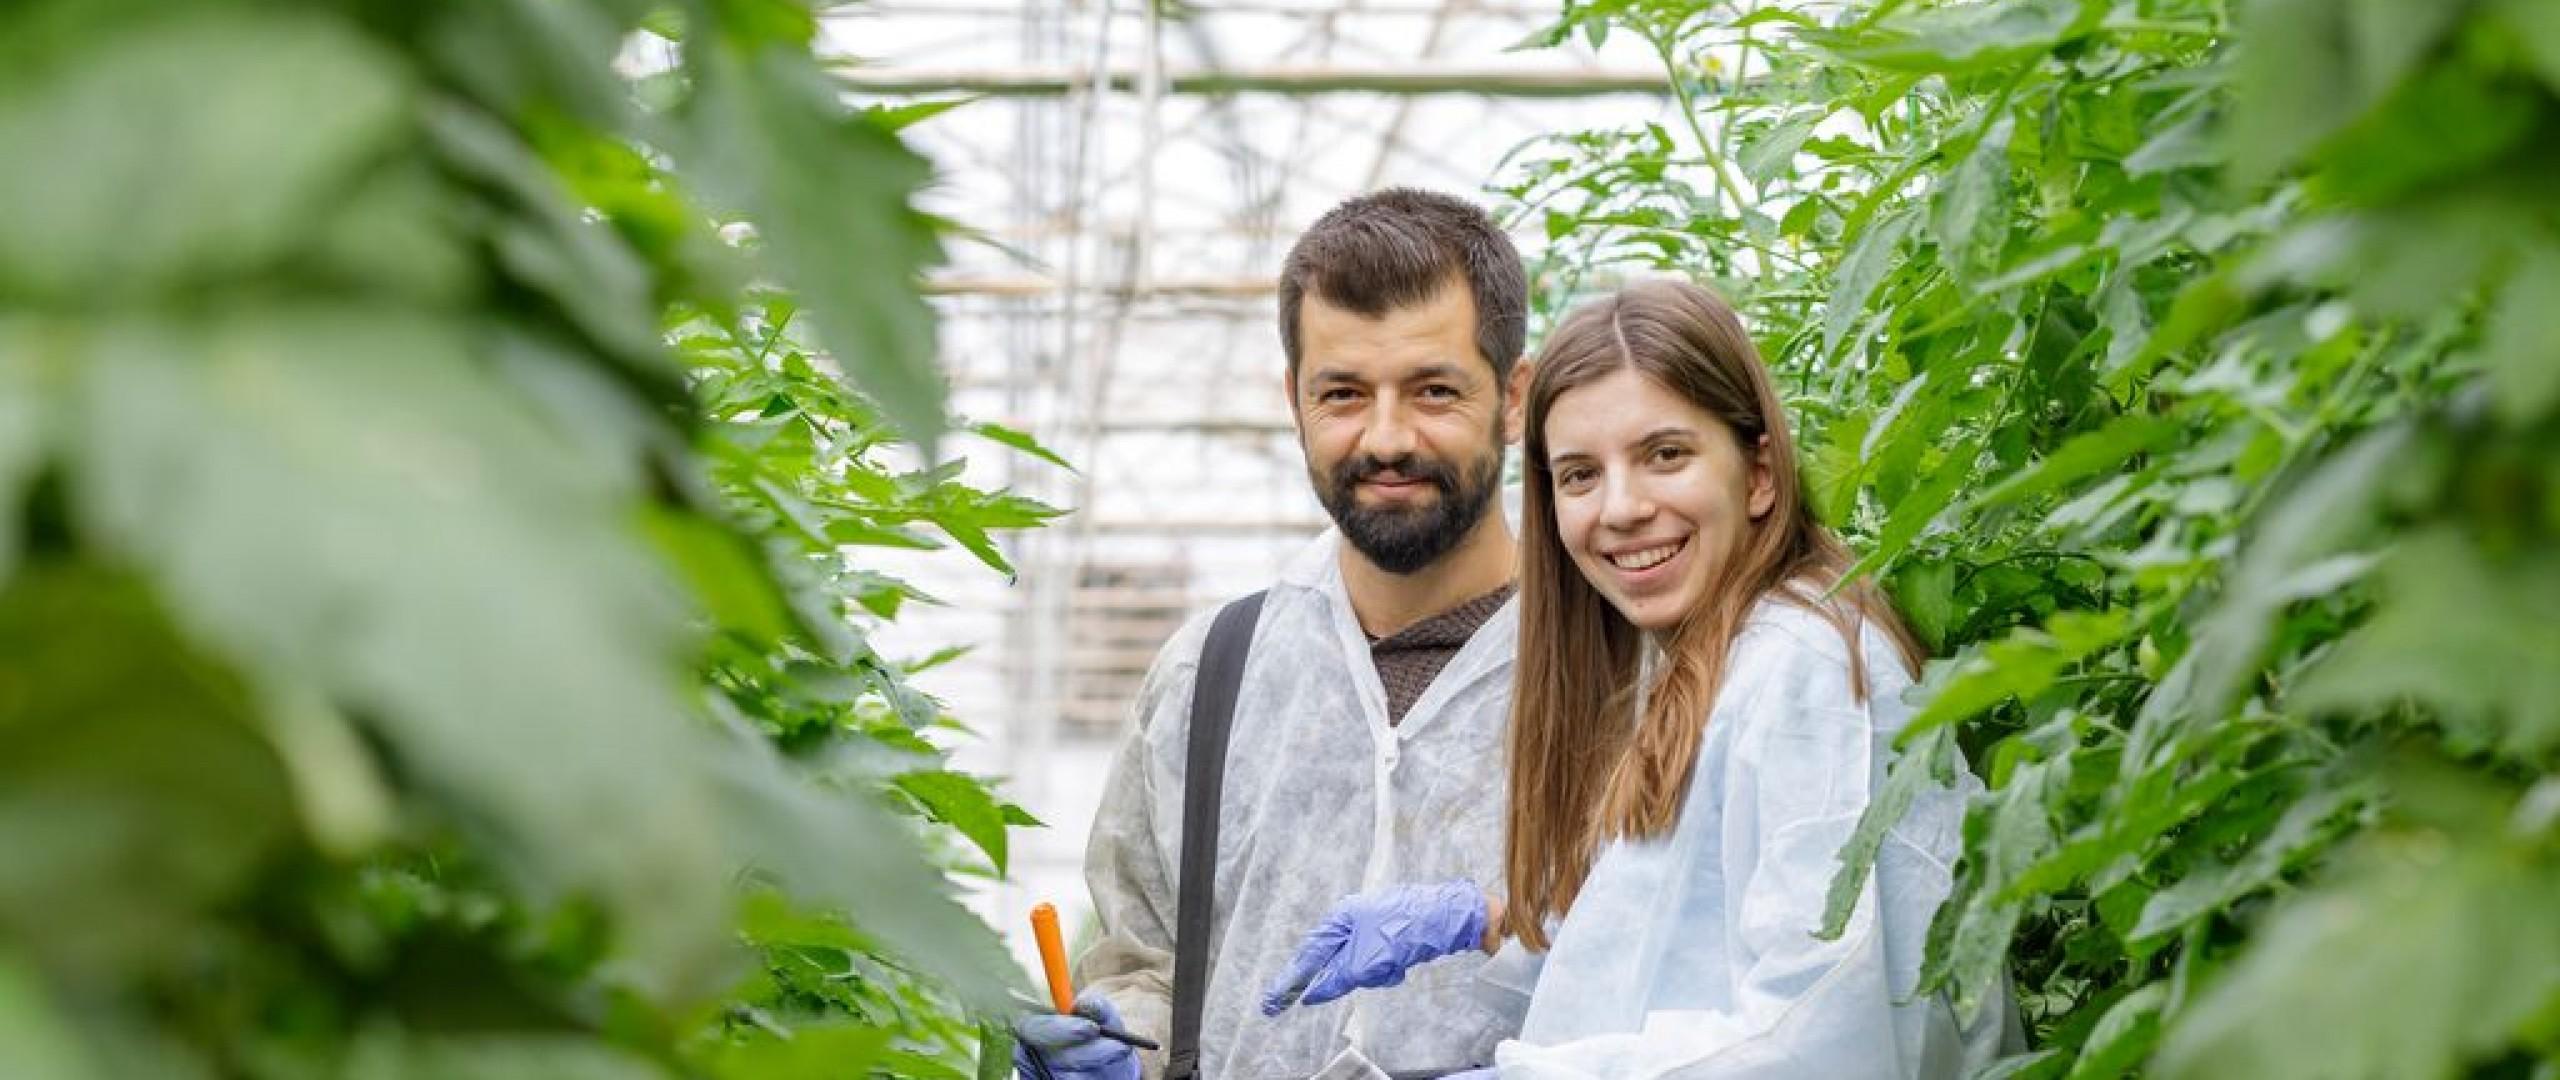 Rijk Zwaan colleagues in tomato crop